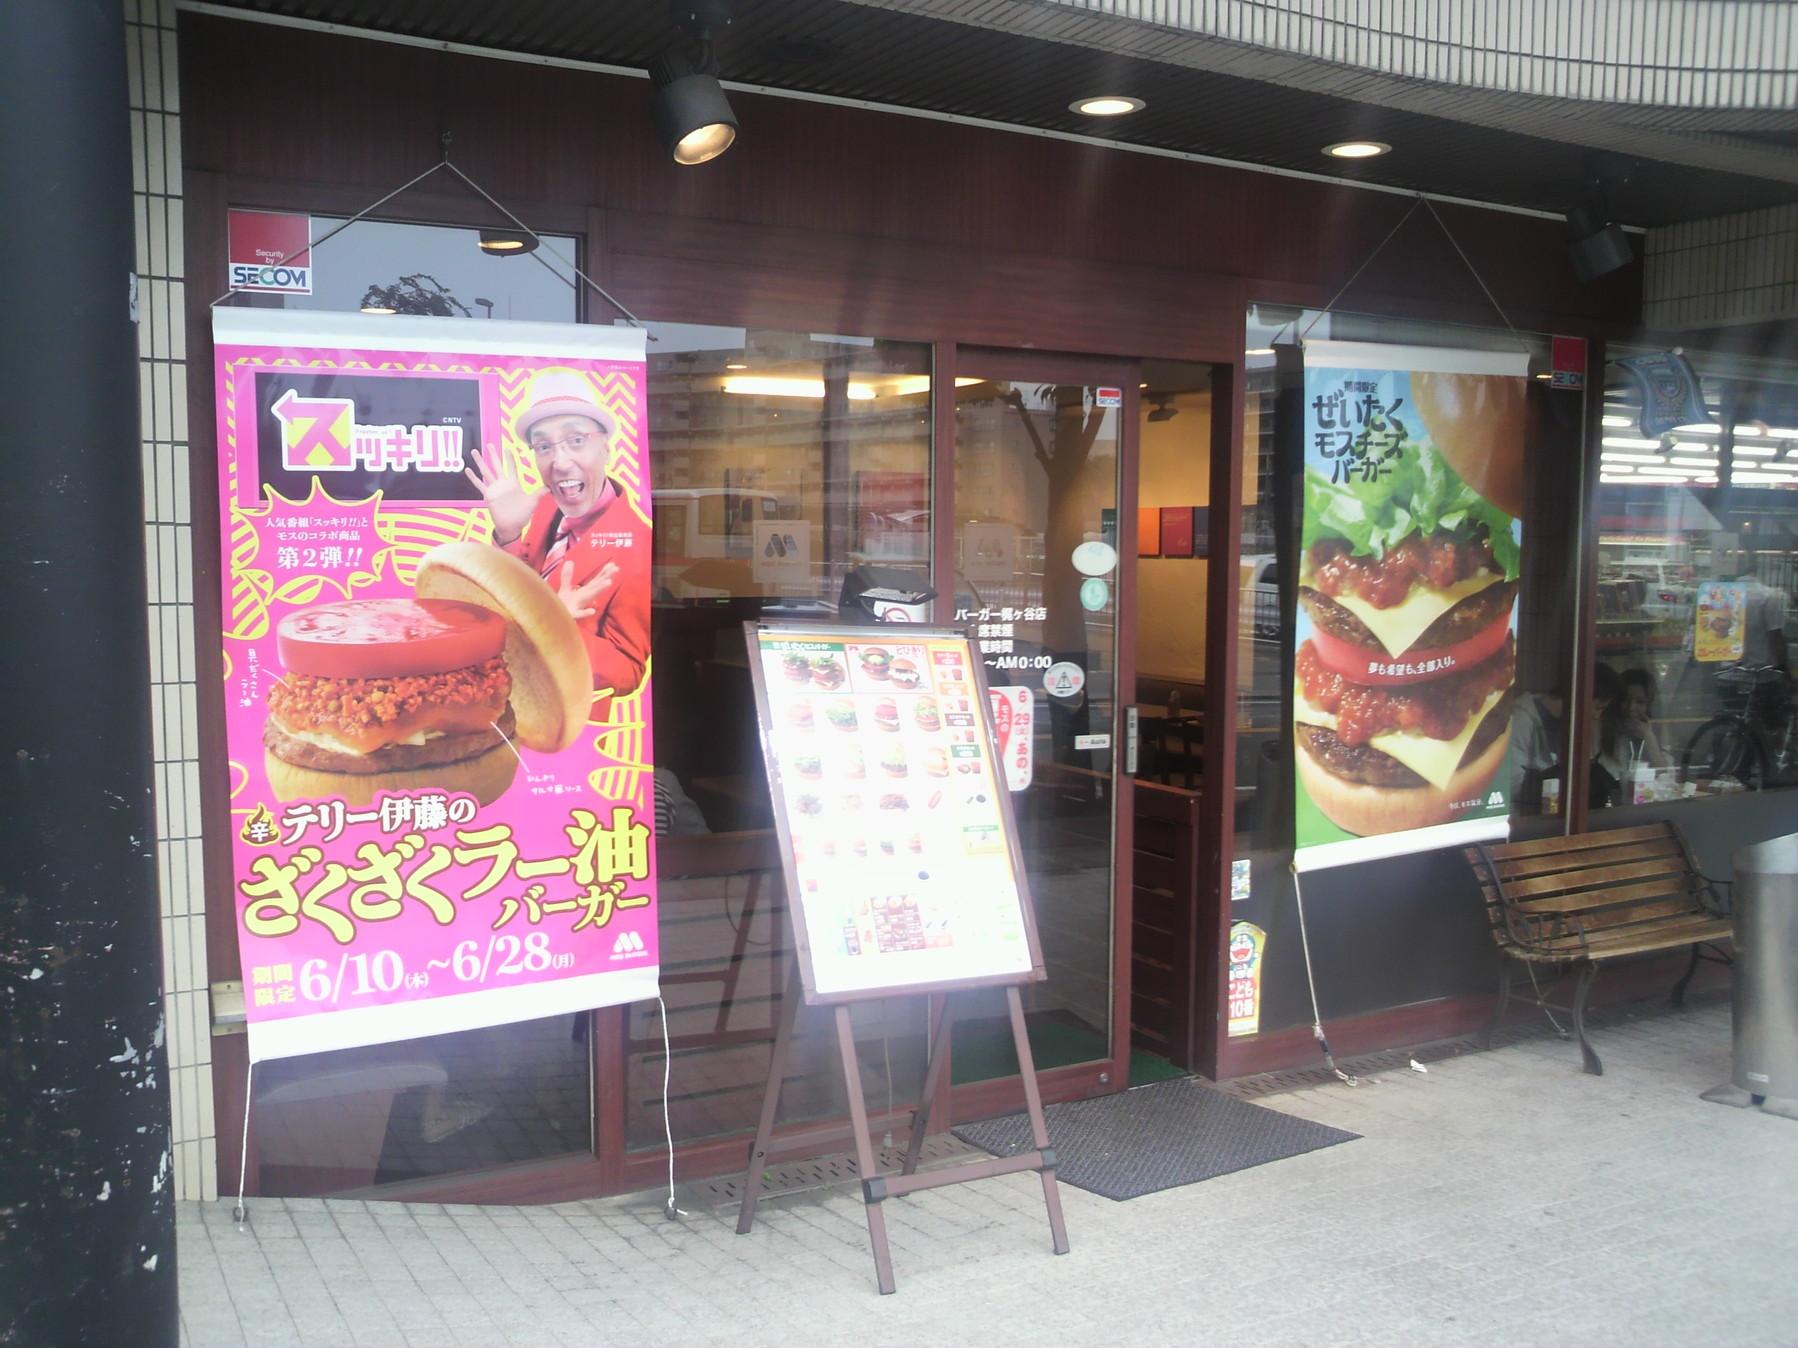 モスバーガー 梶ヶ谷店